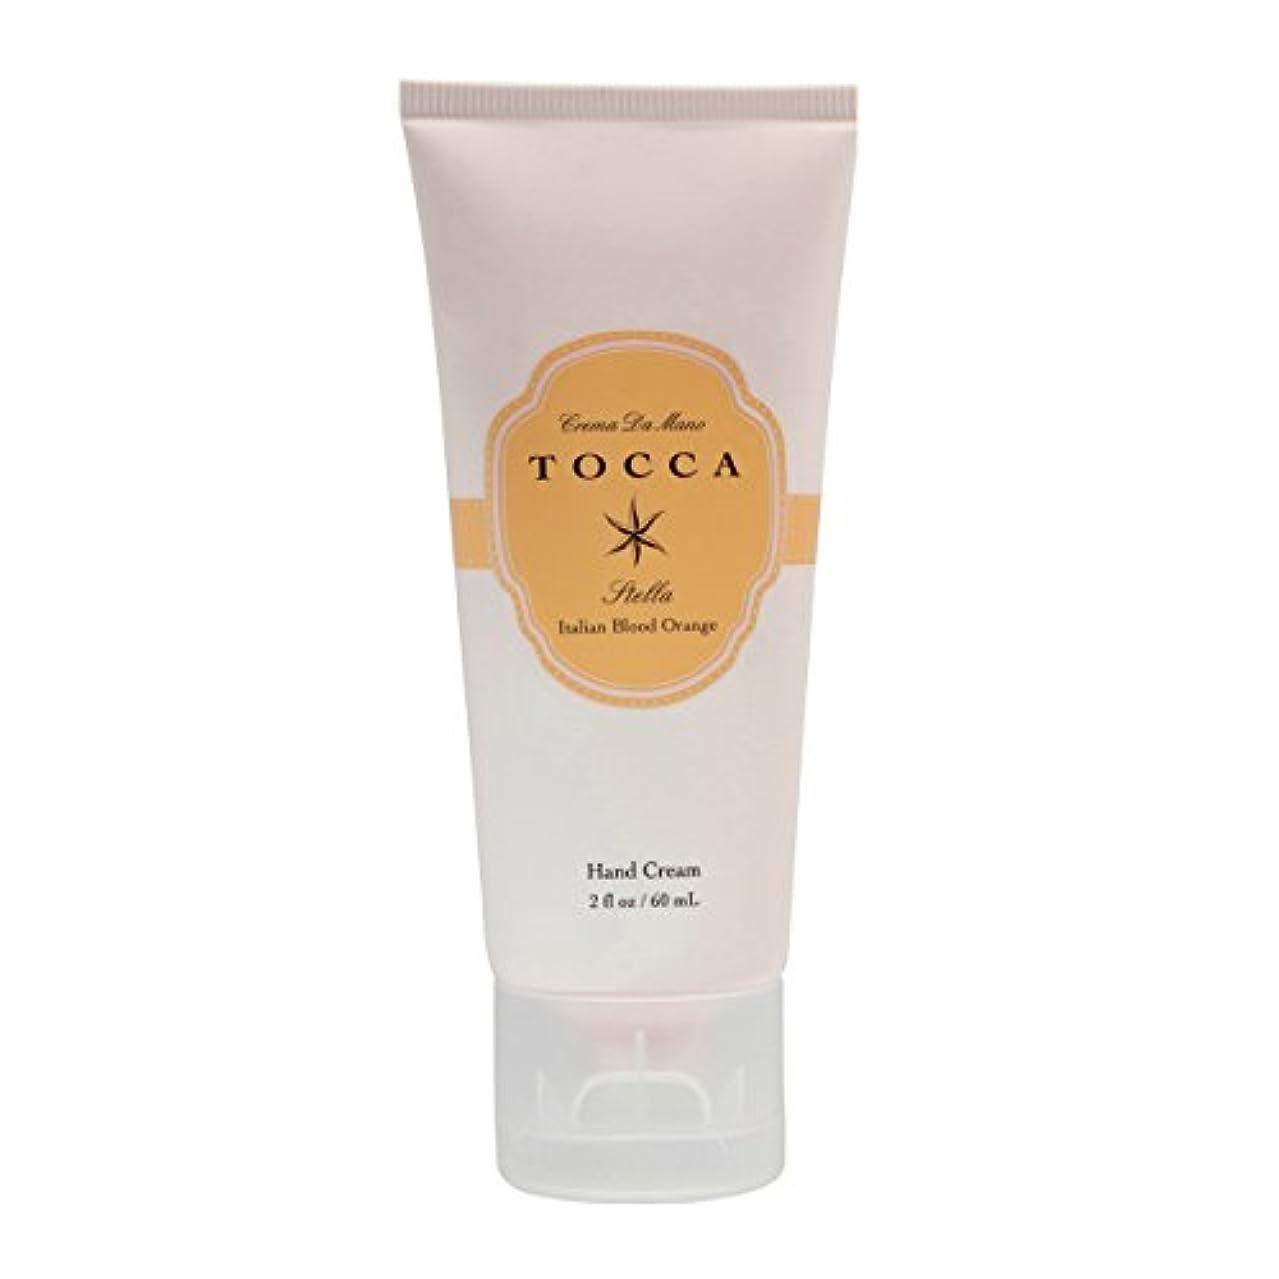 モーテル毛布トントッカ(TOCCA) ハンドクリーム  ステラの香り 60ml(手指用保湿 イタリアンブラッドオレンジが奏でるフレッシュでビターな爽やかさ漂う香り)